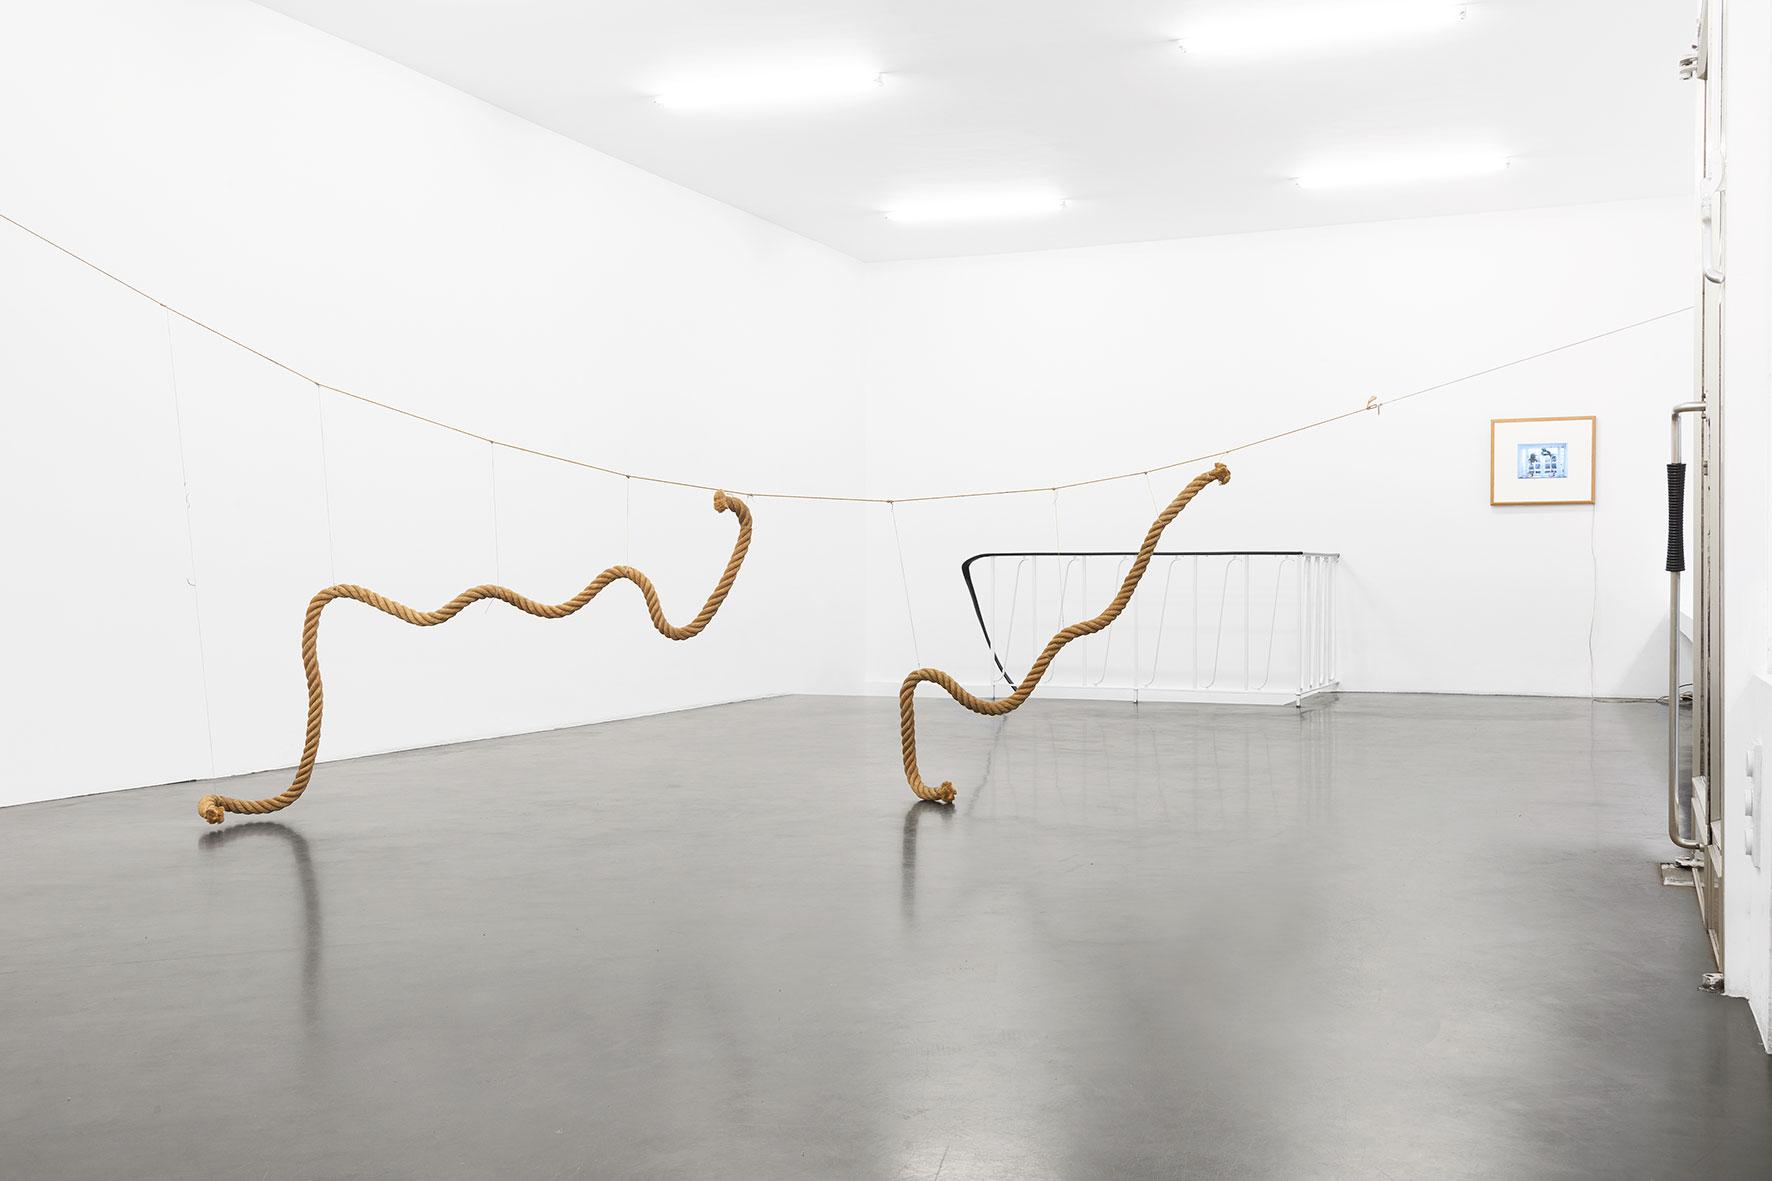 Ger van Elk_Installation View_1_Markus Luettgen Gallery